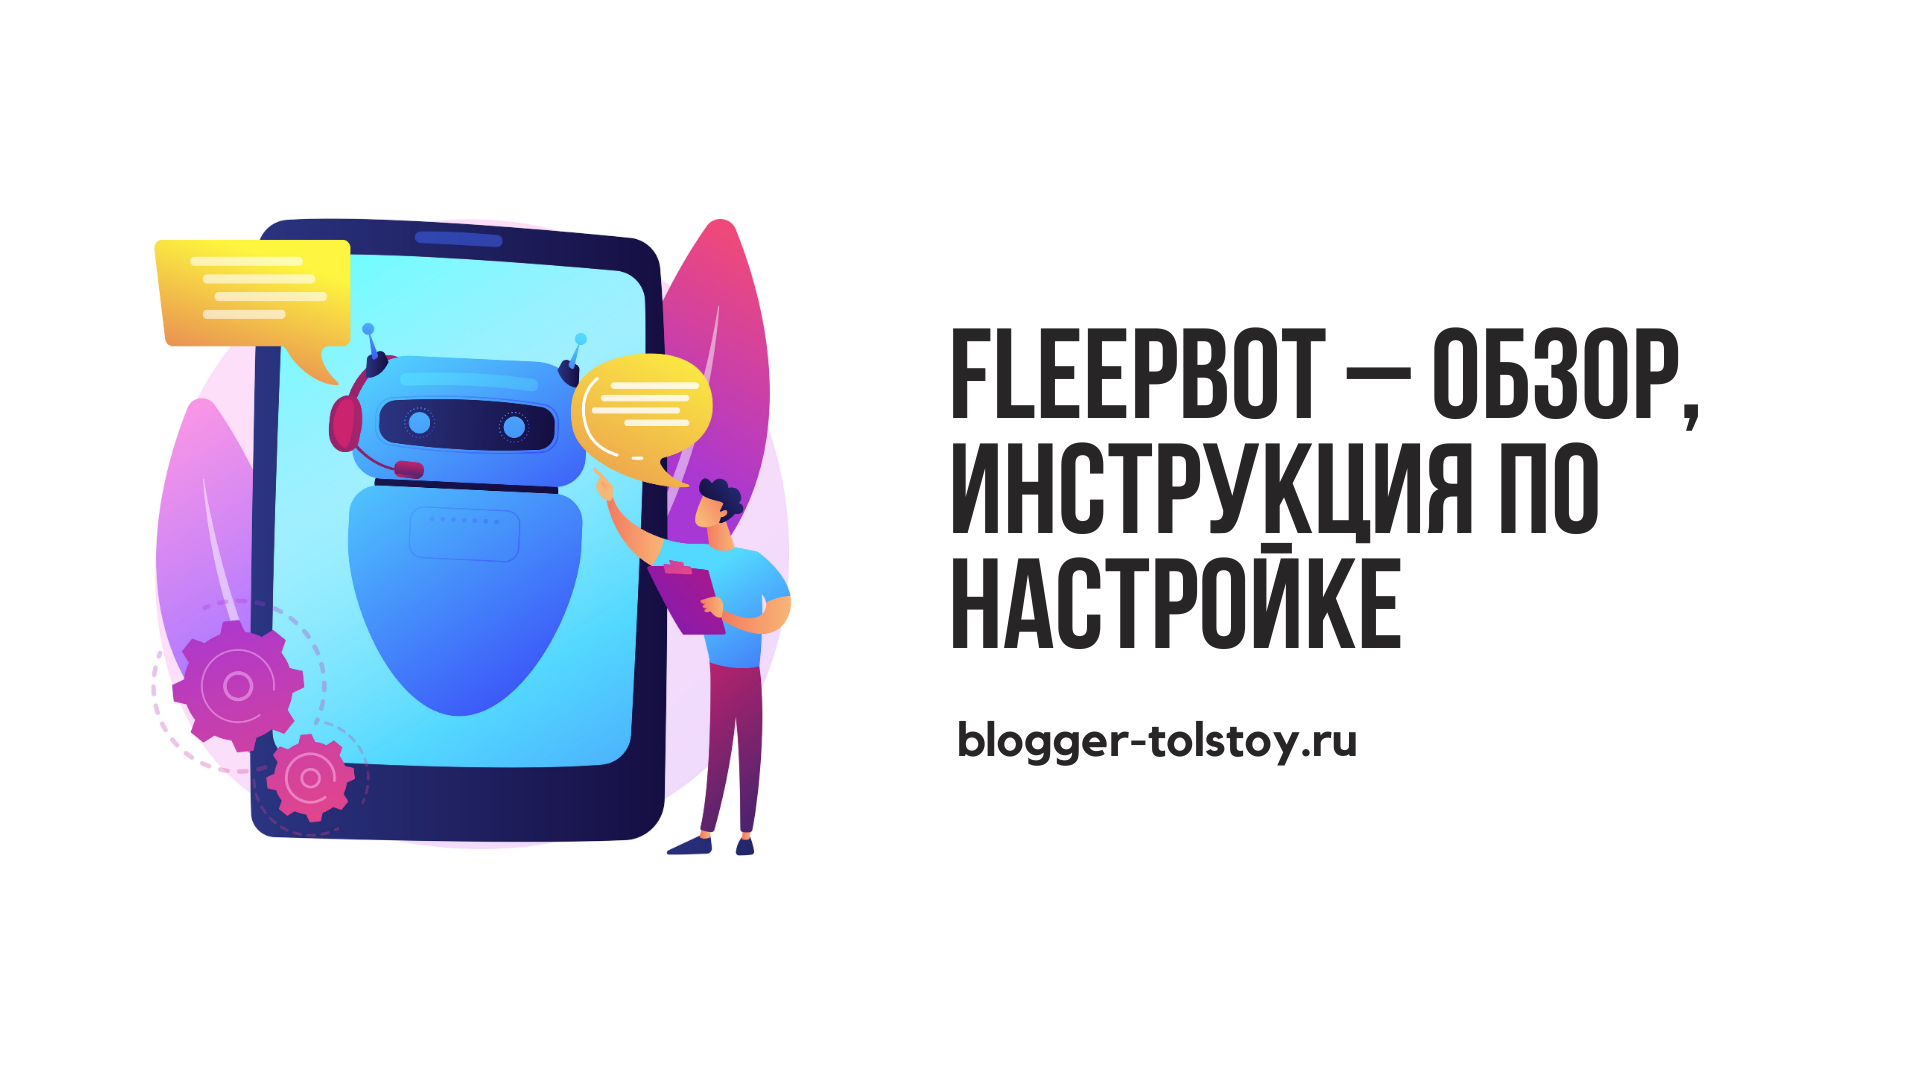 Превью к статье о FleepBot